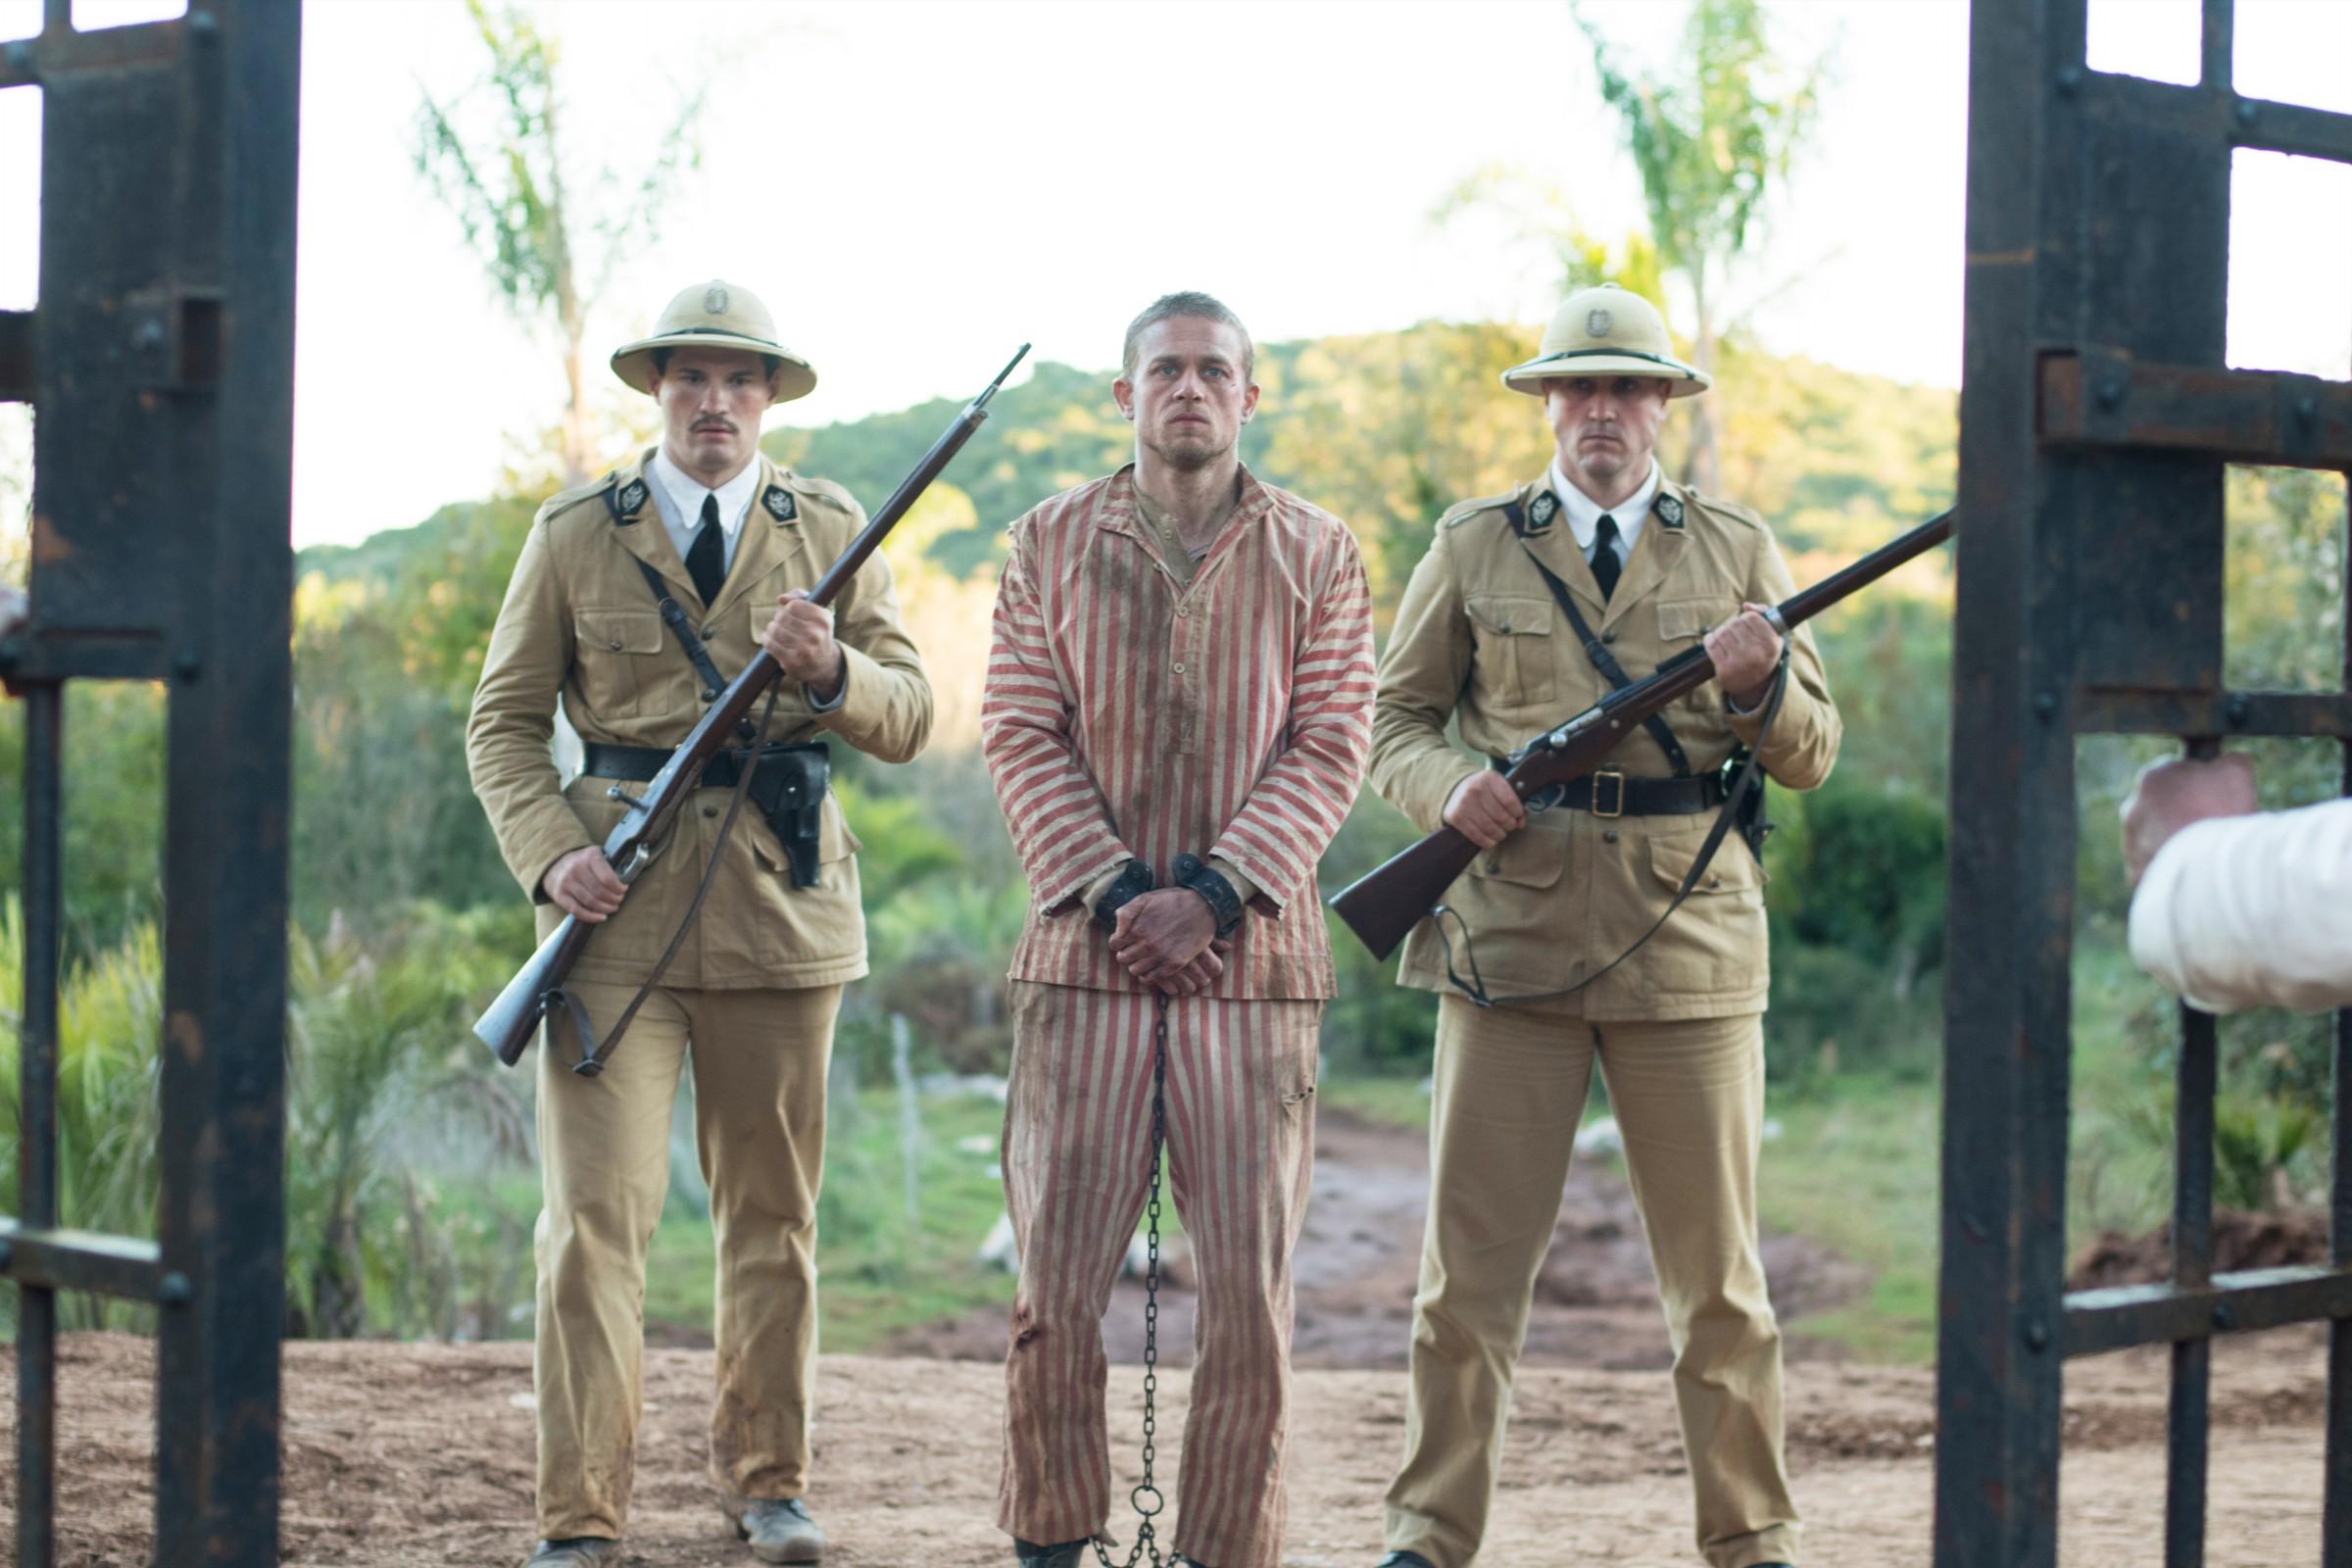 《 惡魔島 》由 查理漢納 飾演的「 巴比龍 」被關進 惡魔島監獄 。